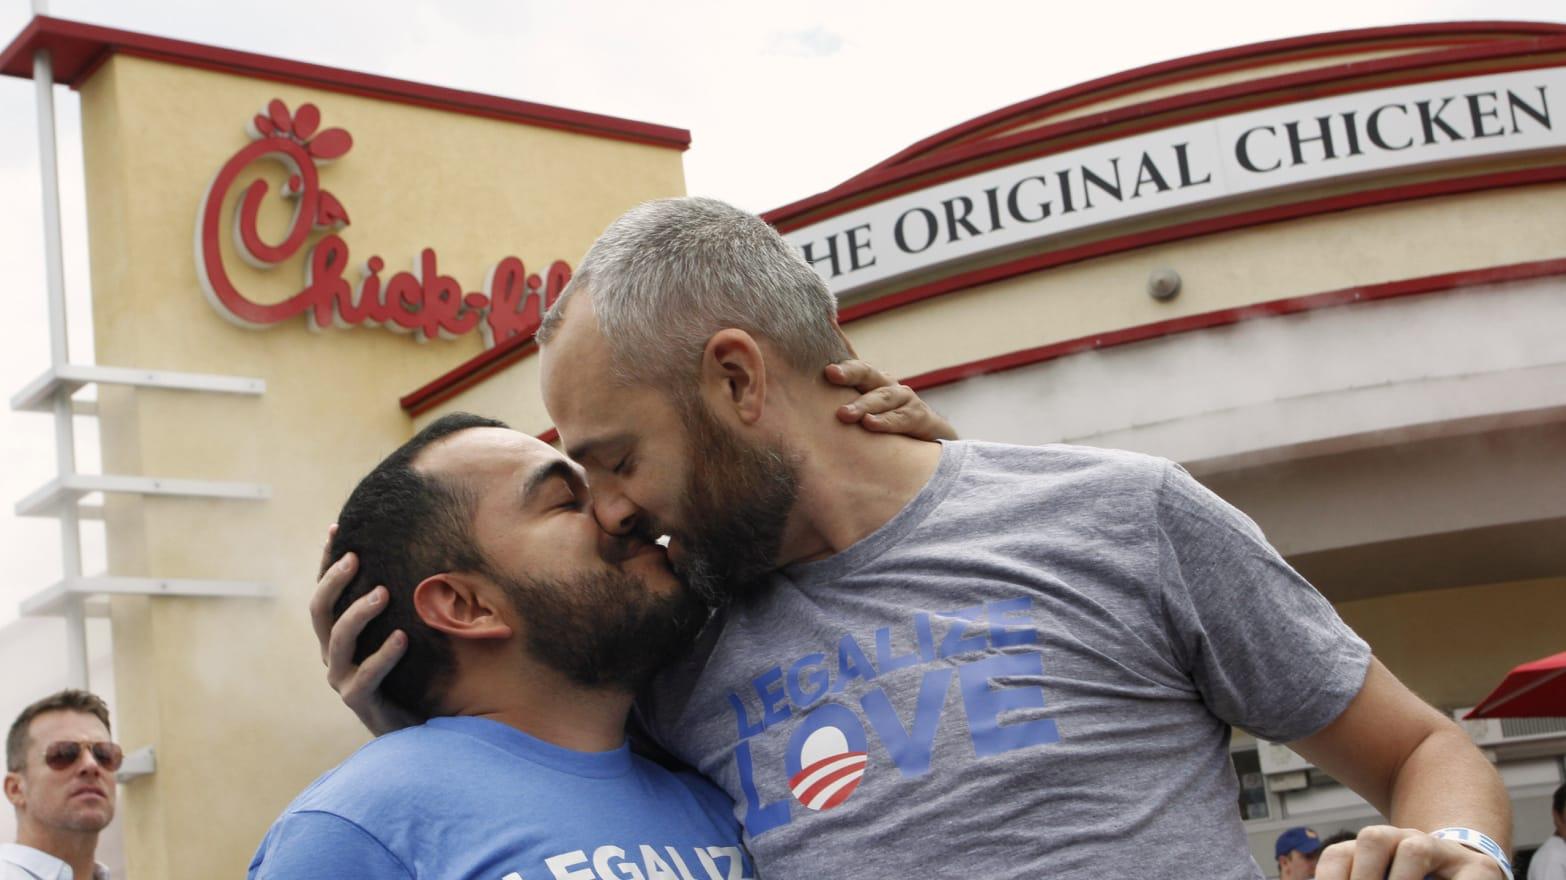 Boyfriend spank gay